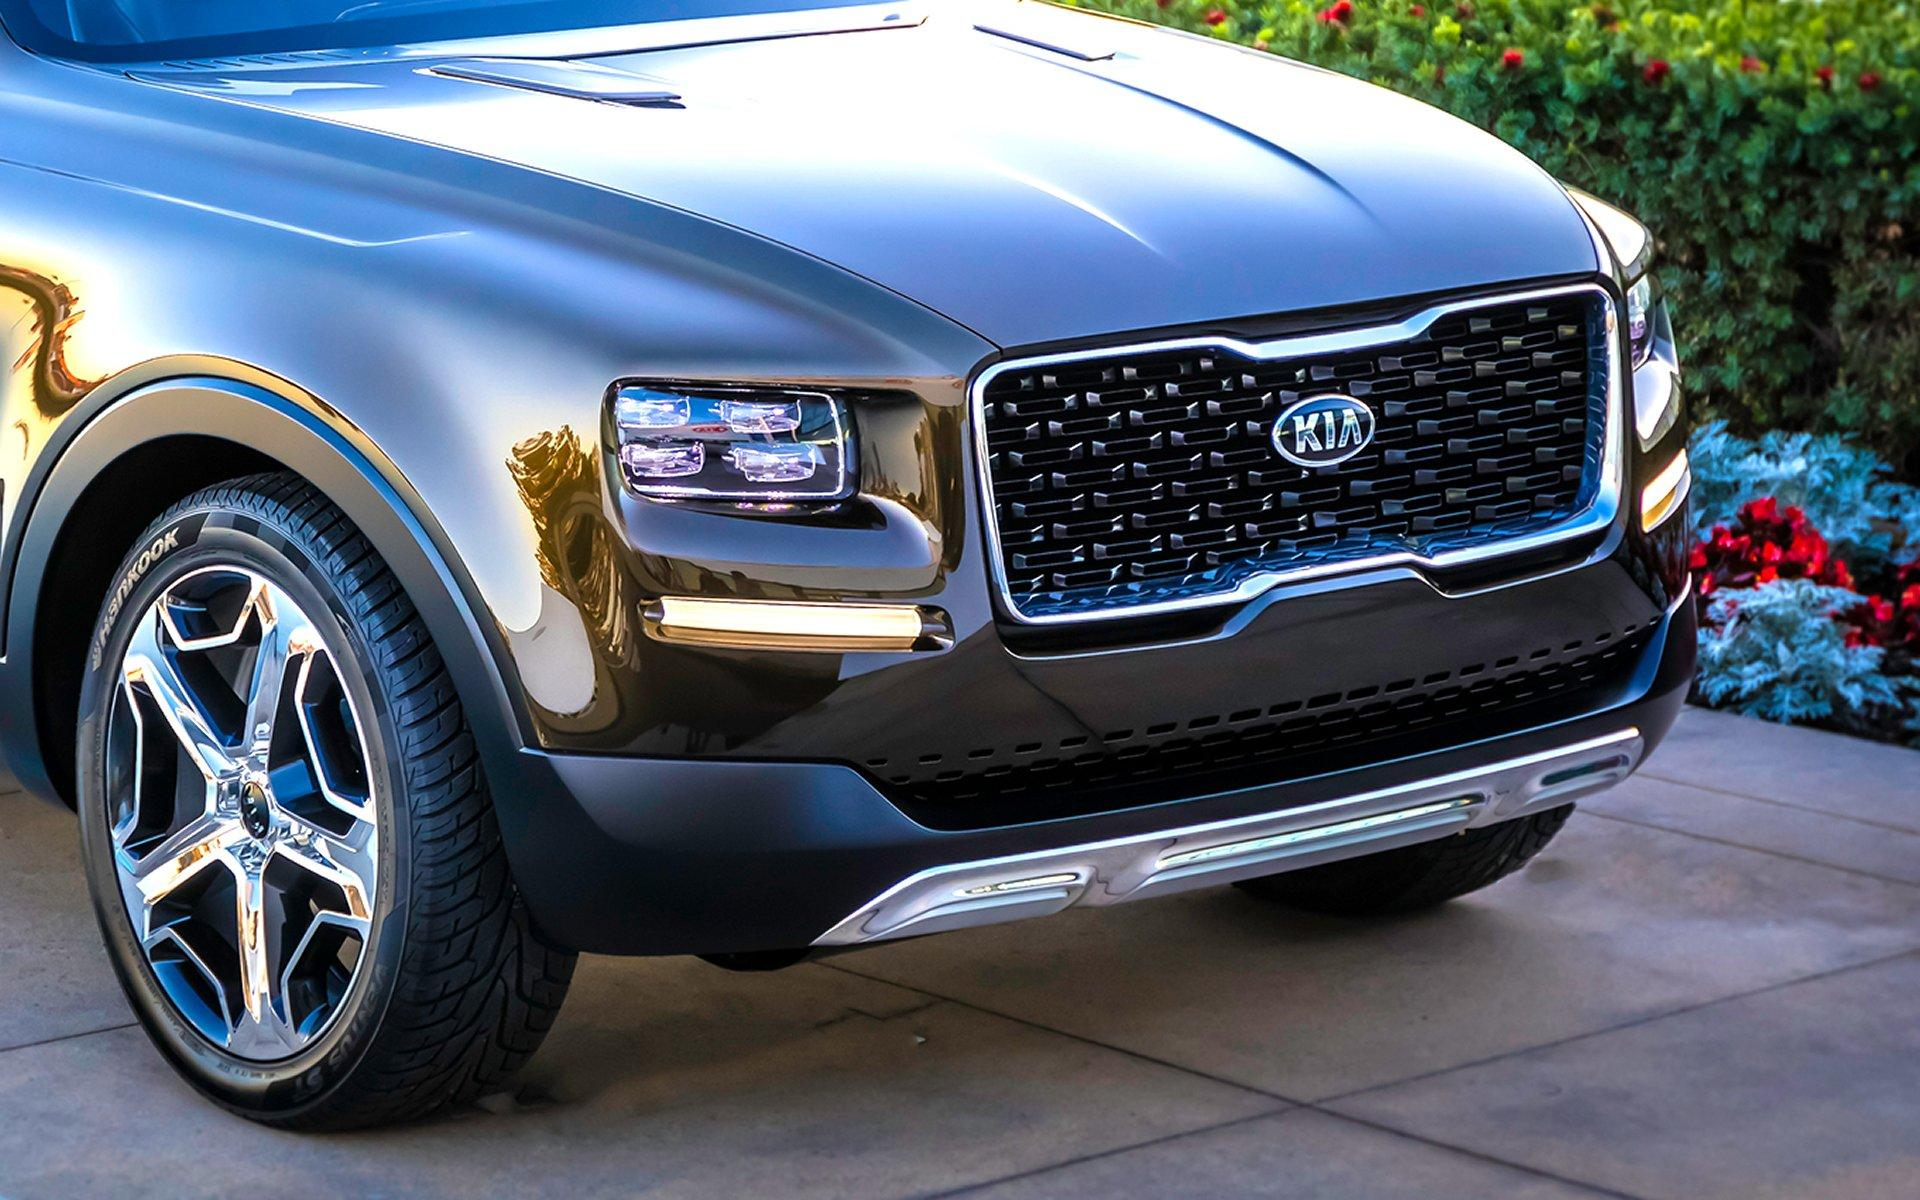 Серийный вседорожный автомобиль Кия Telluride замечен без камуфляжной защиты